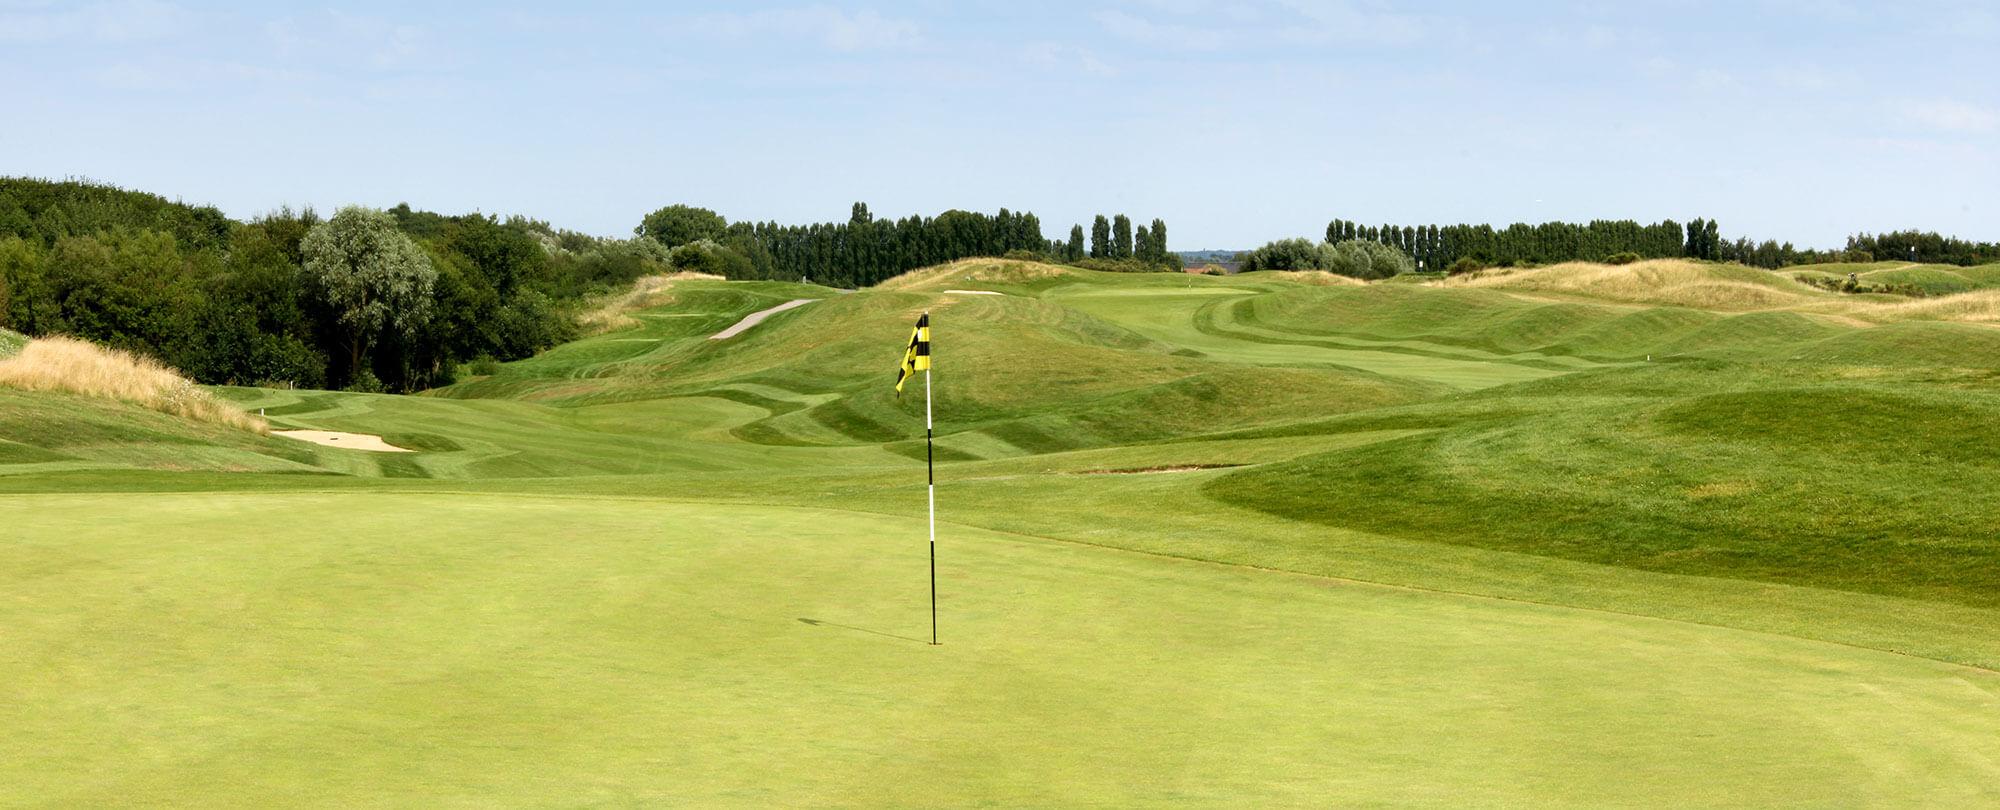 Aigle Course, Le Golf National Hotel